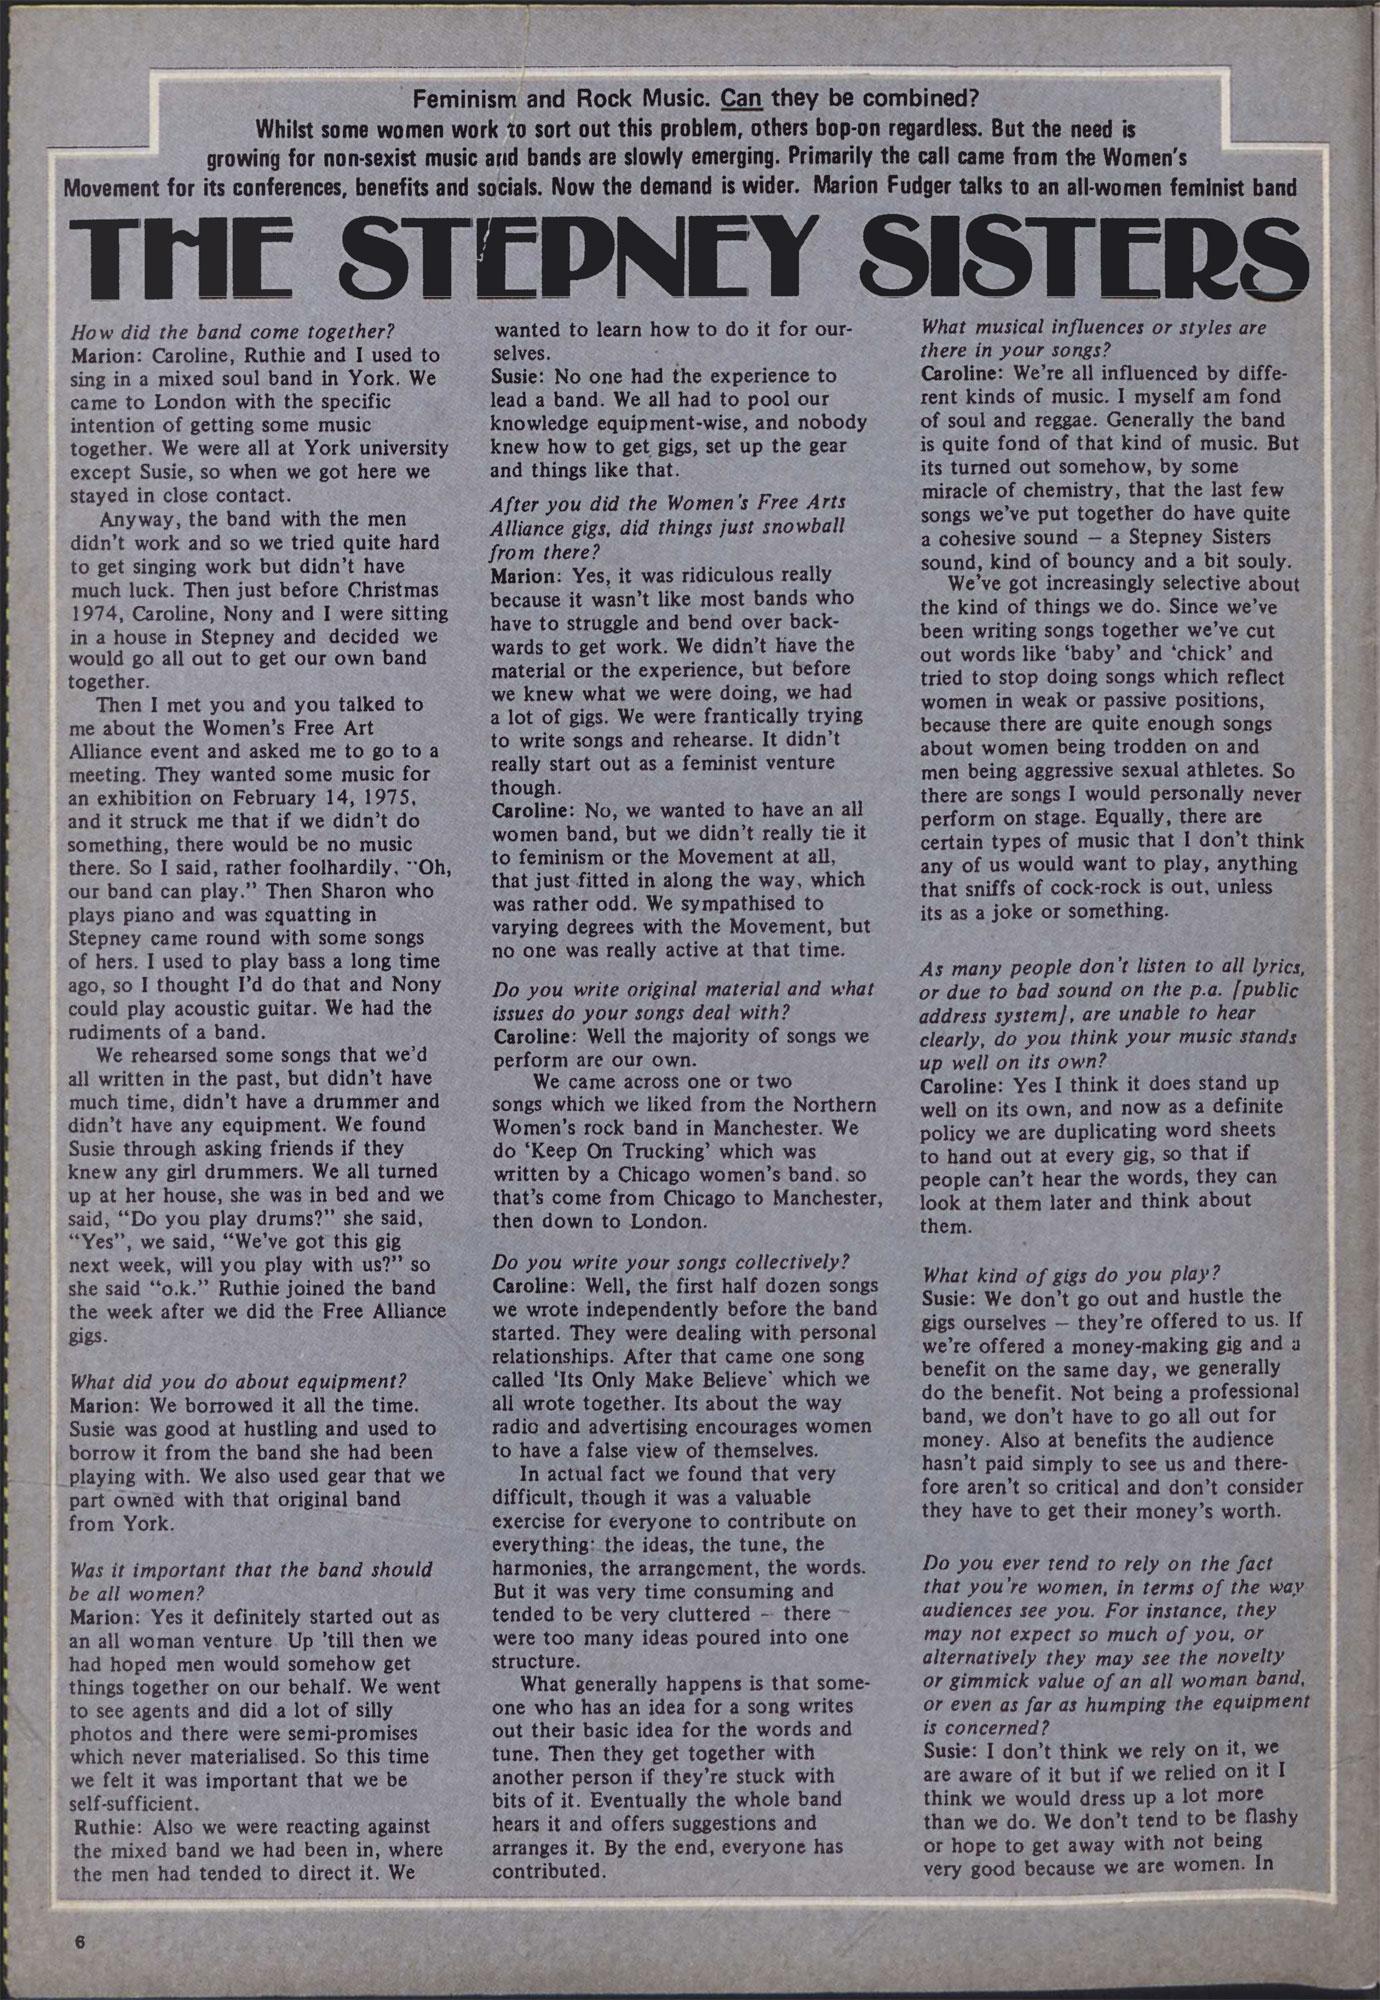 Spare Rib magazine issue 46 p. 6